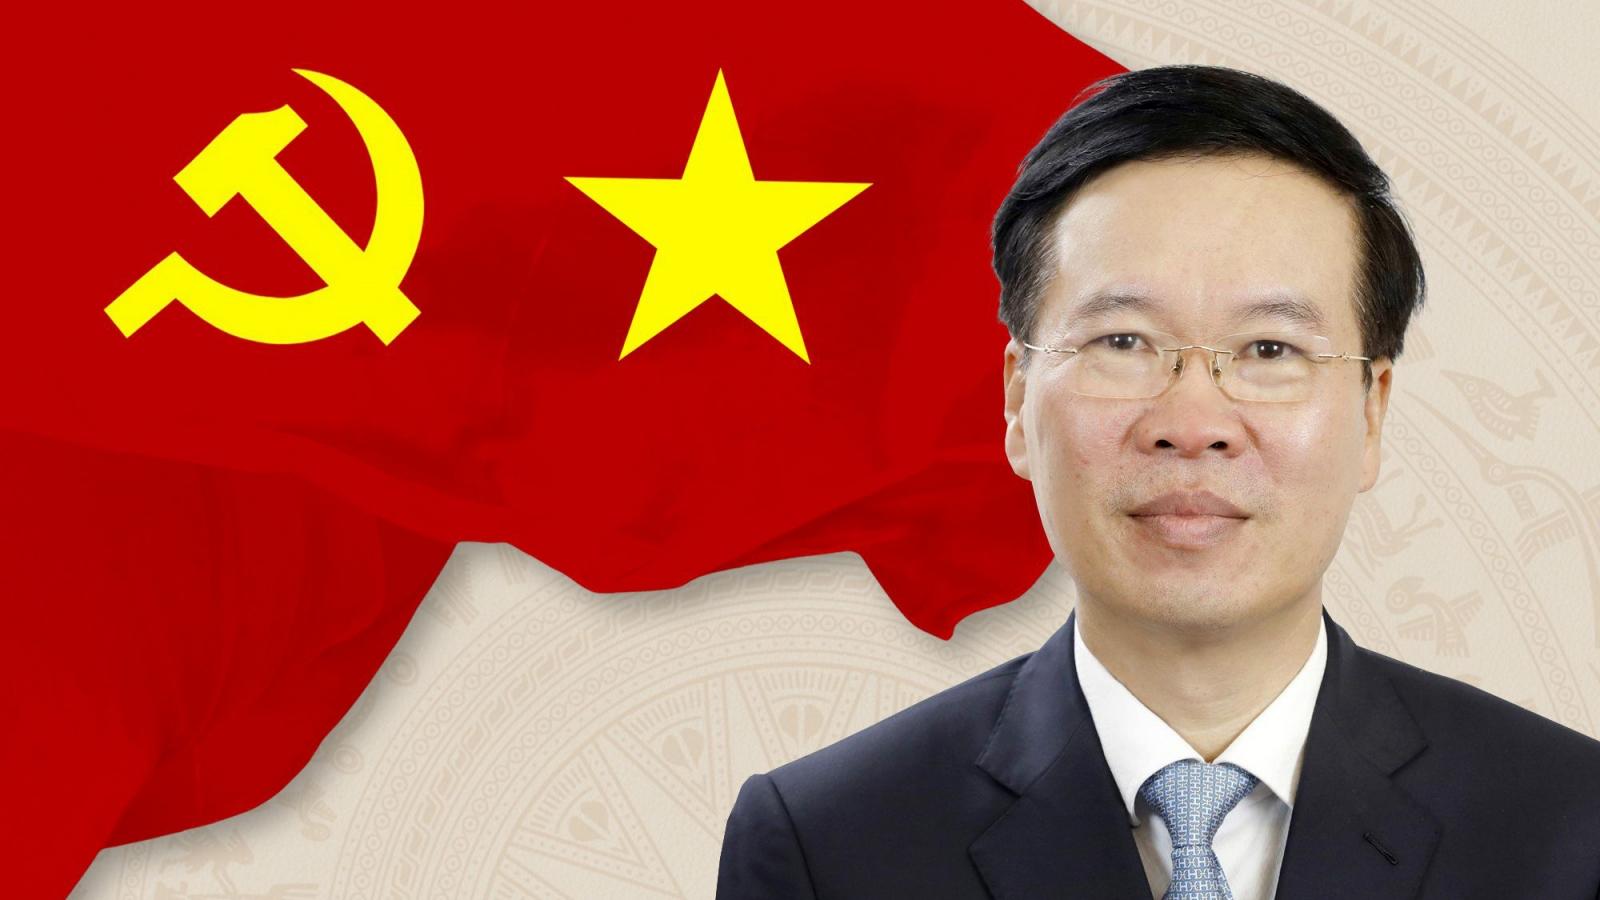 Tiểu sử ông Võ Văn Thưởng - Ủy viên Bộ Chính trị, Thường trực Ban Bí thư khóa XIII